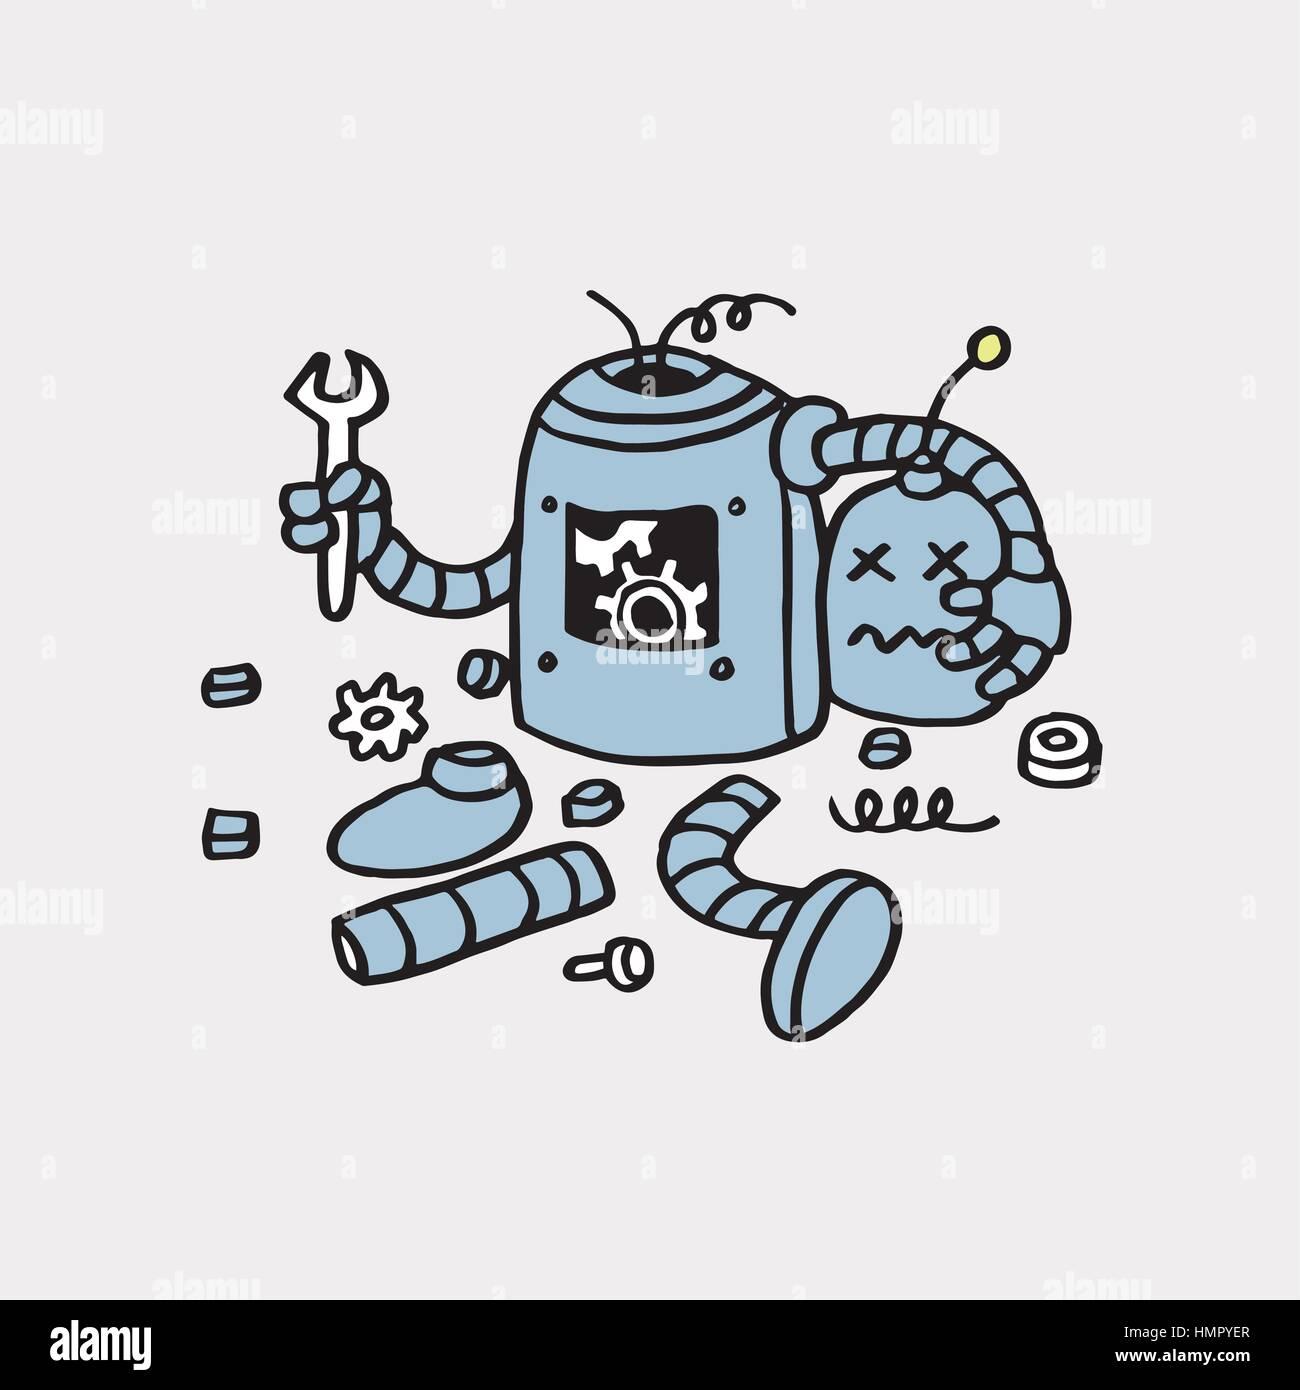 Großartig Papier Roboter Vorlage Ideen - Beispielzusammenfassung ...